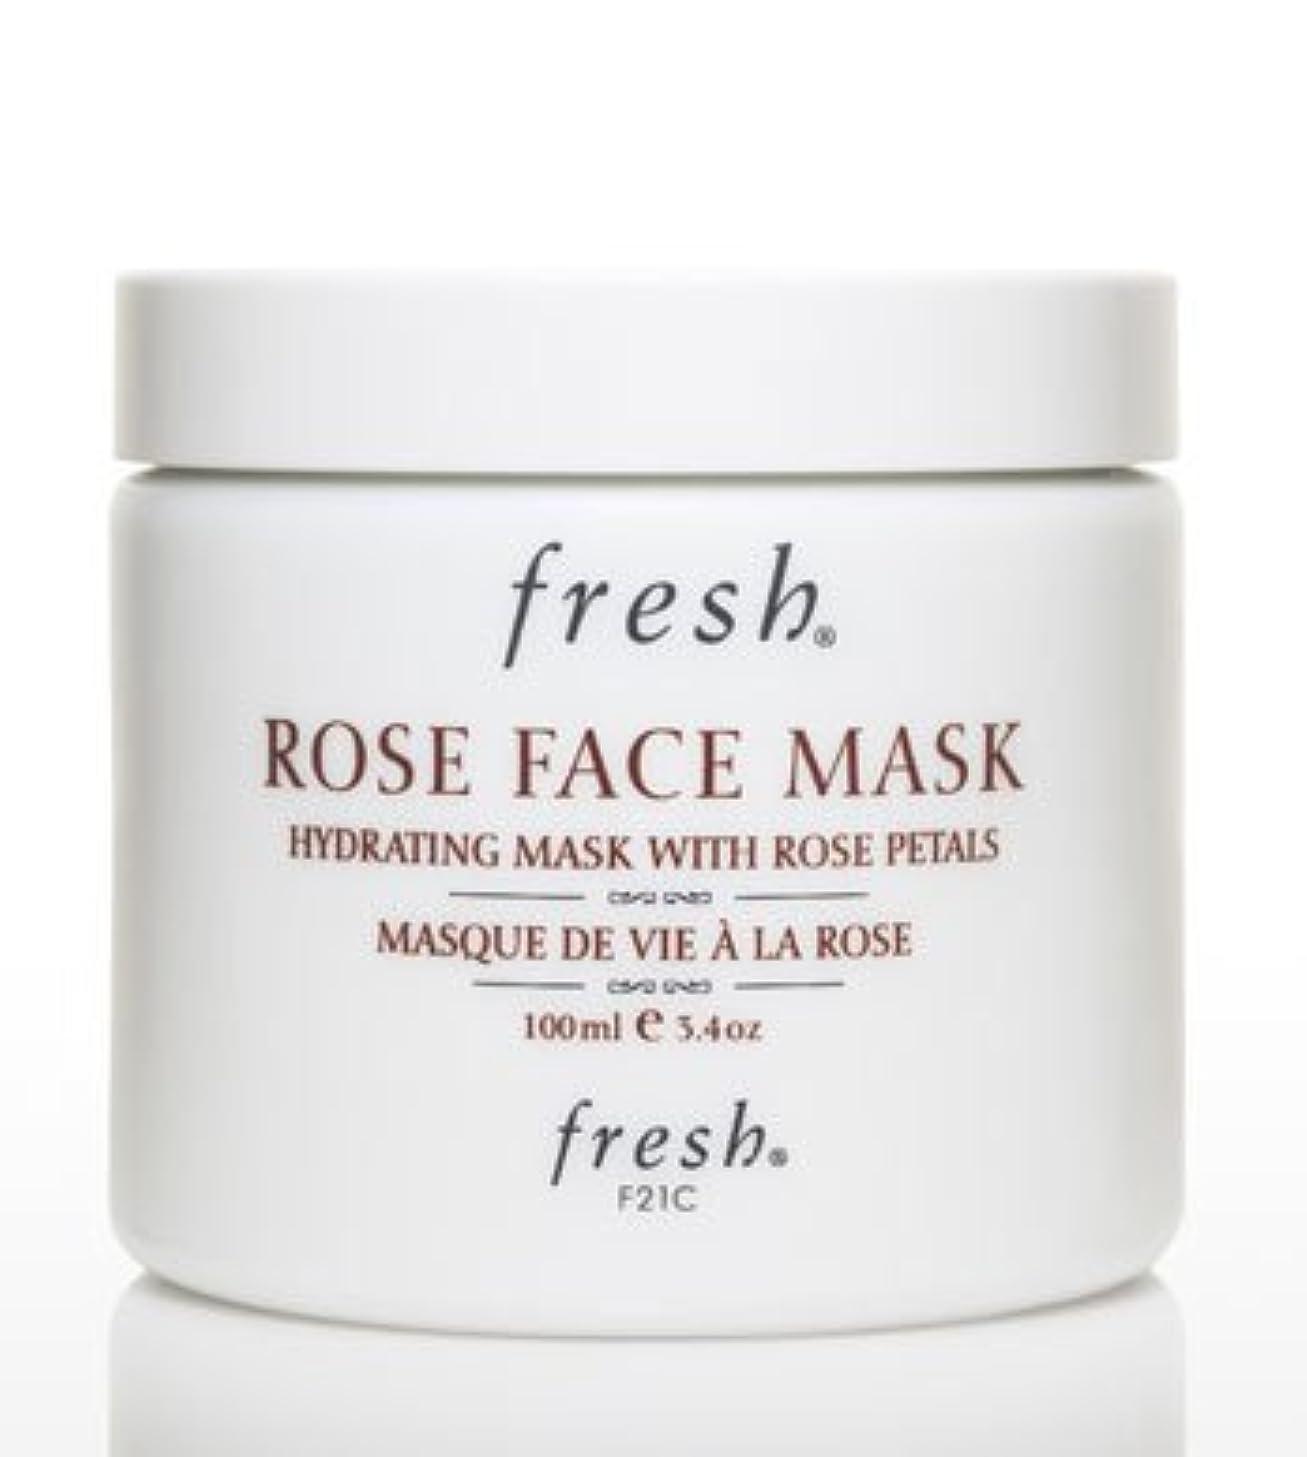 そよ風市町村タイマーFresh ROSE FACE MASK (フレッシュ ローズフェイスマスク) 3.4 oz (100g) by Fresh for Women